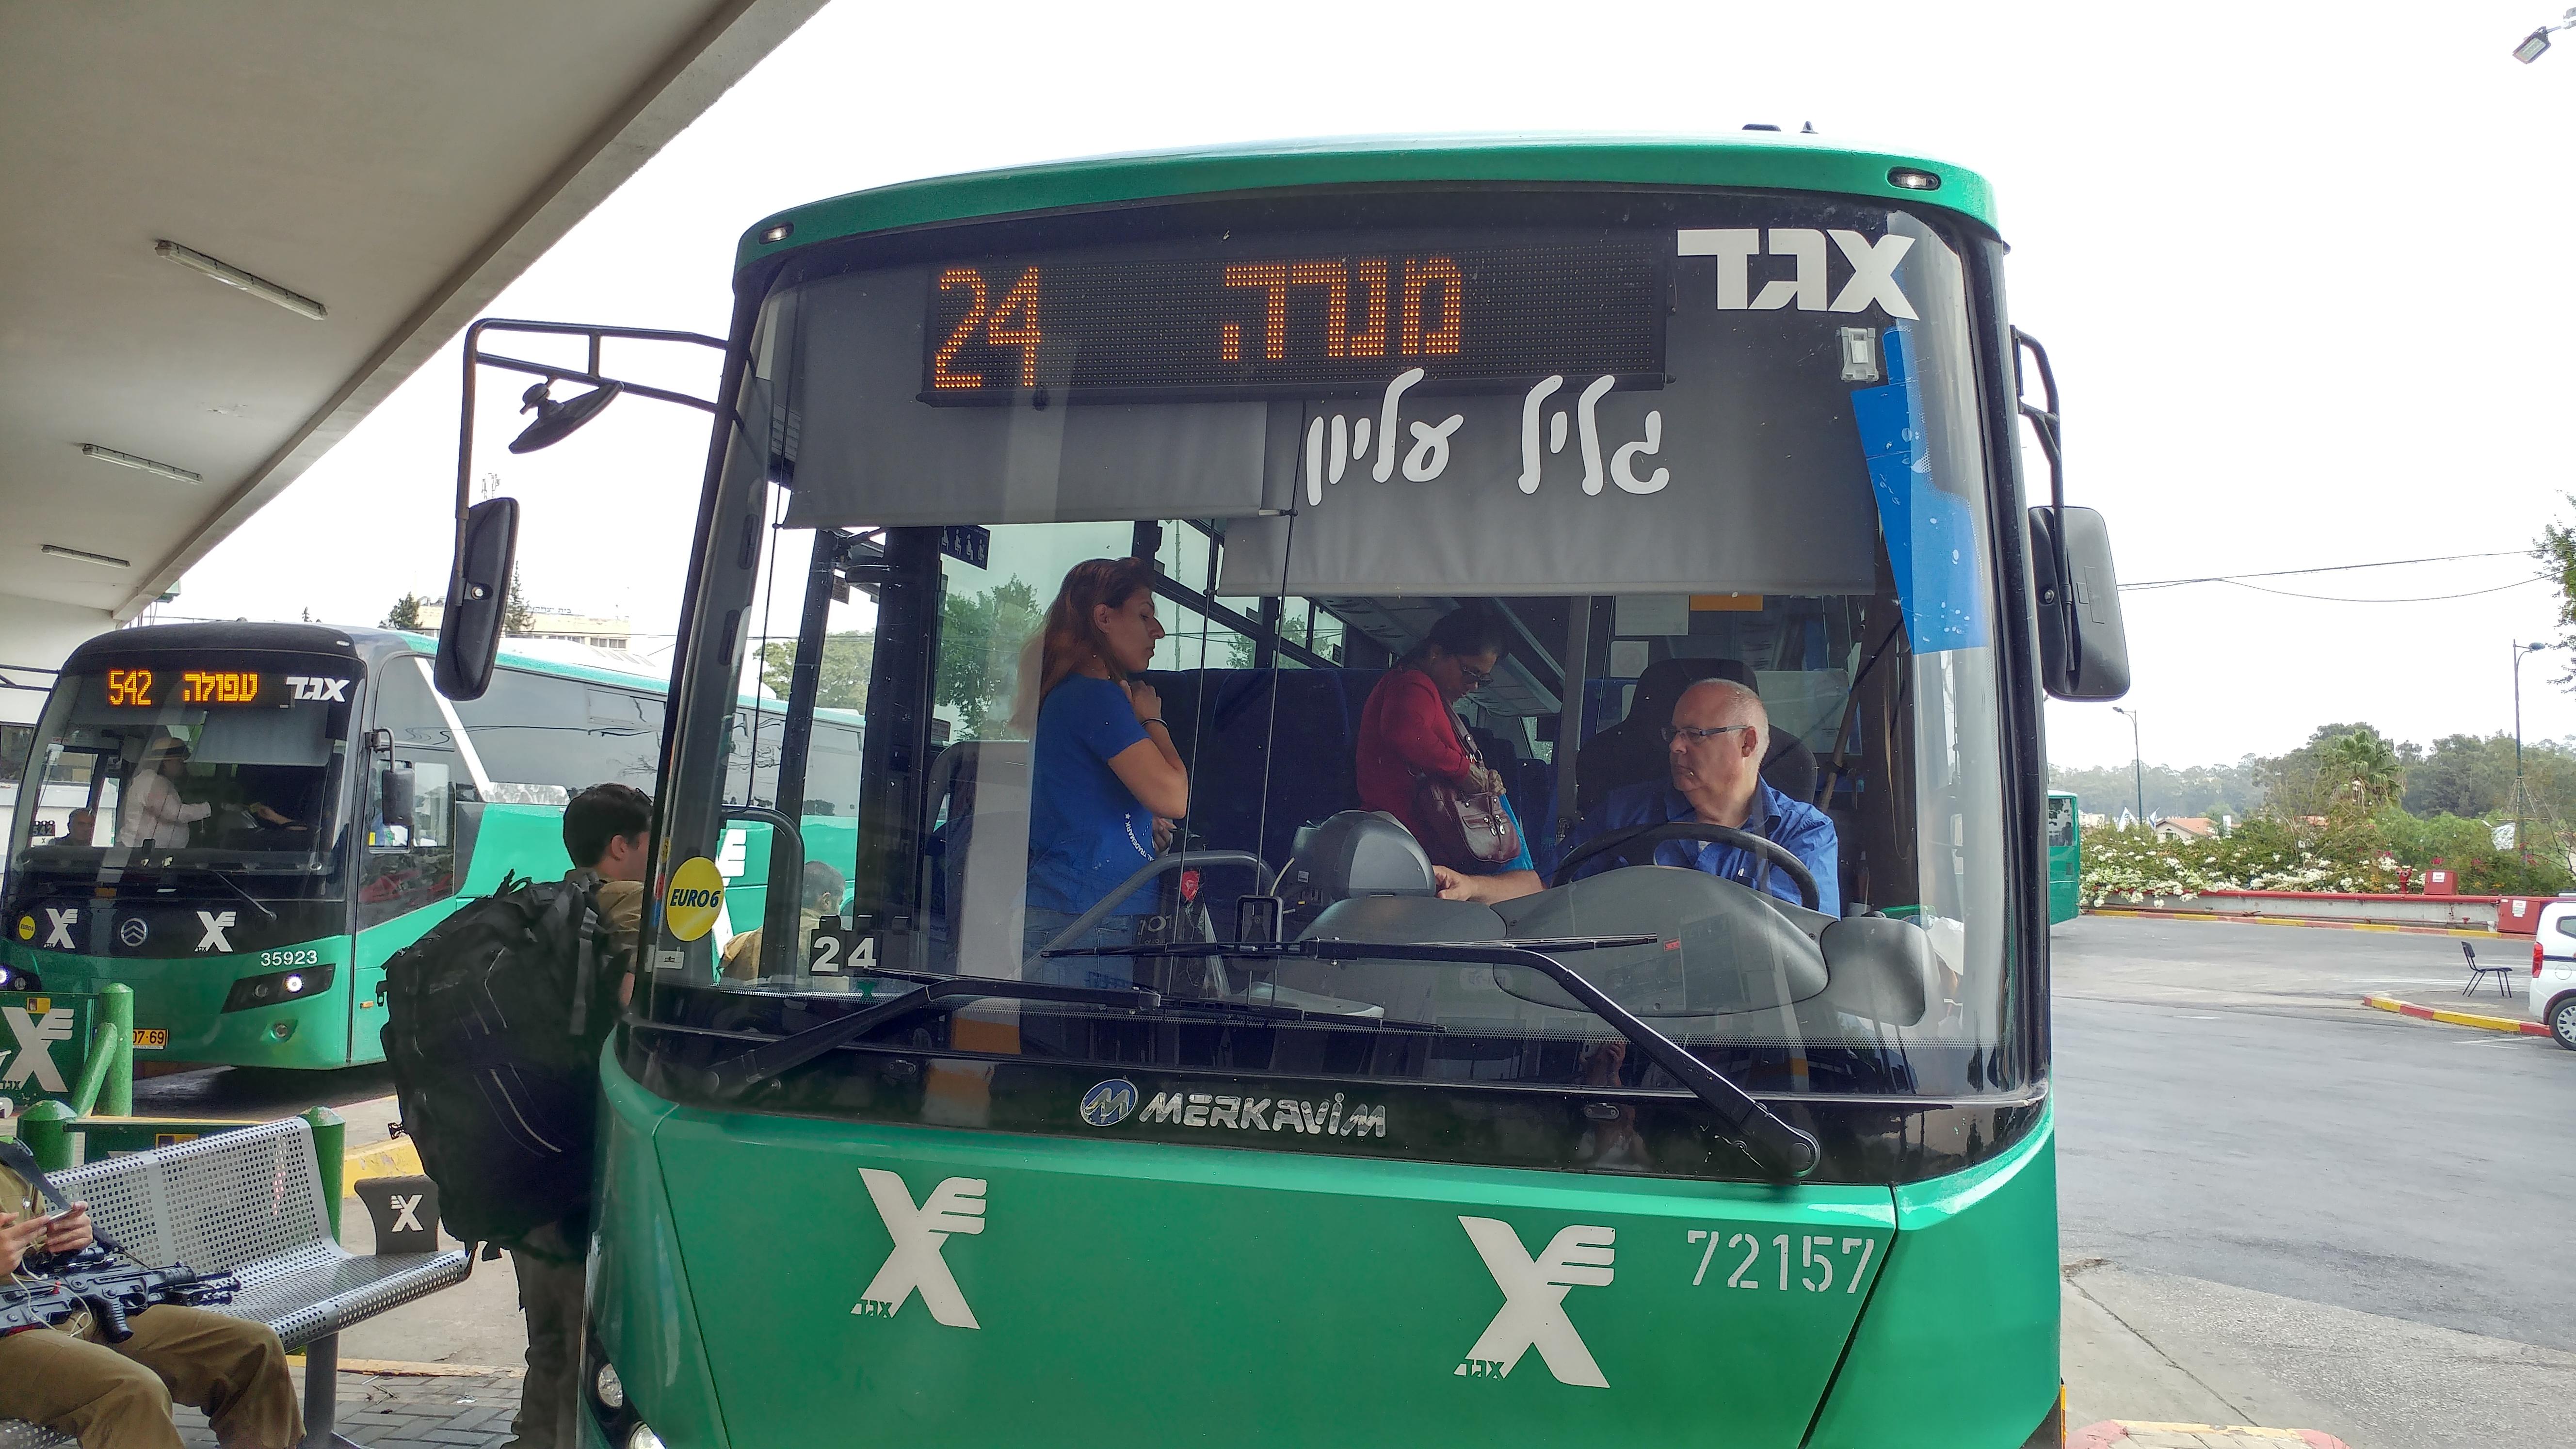 קווי אוטובוס חדשים בגליל העליון